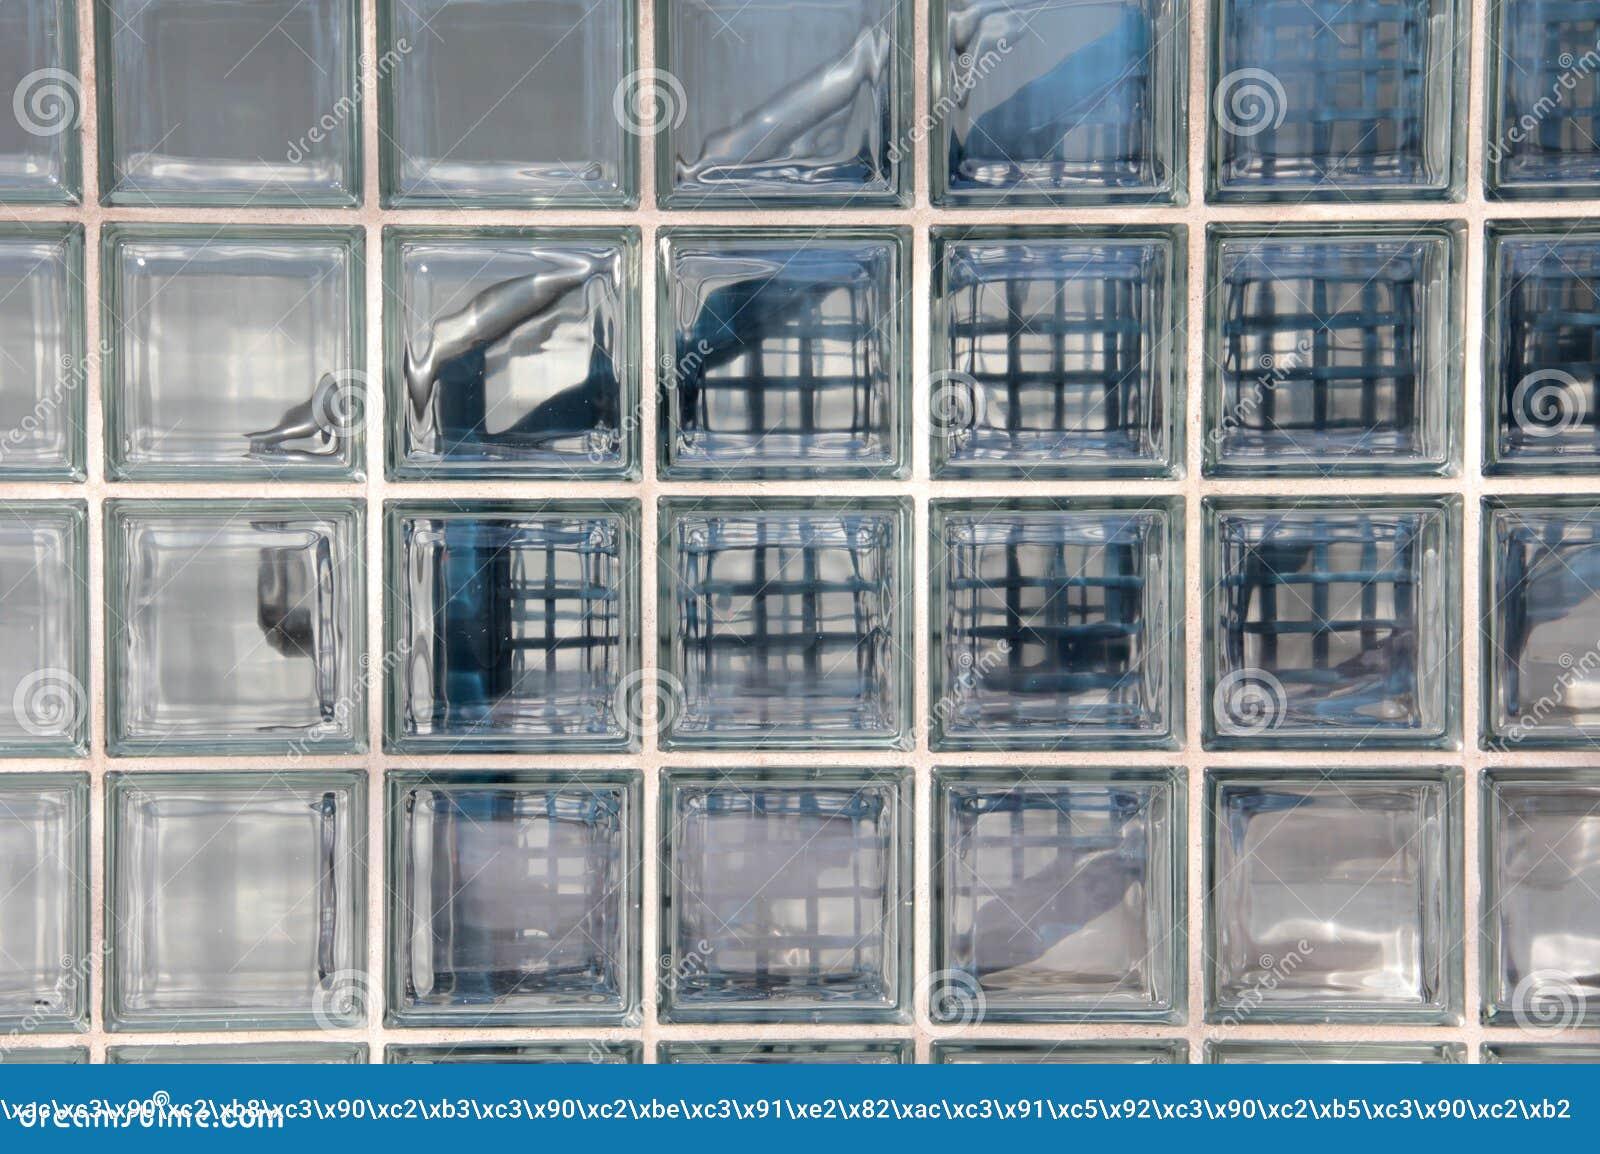 Muur Van Glasblokken Stock Fotografie - Afbeelding: 30193522